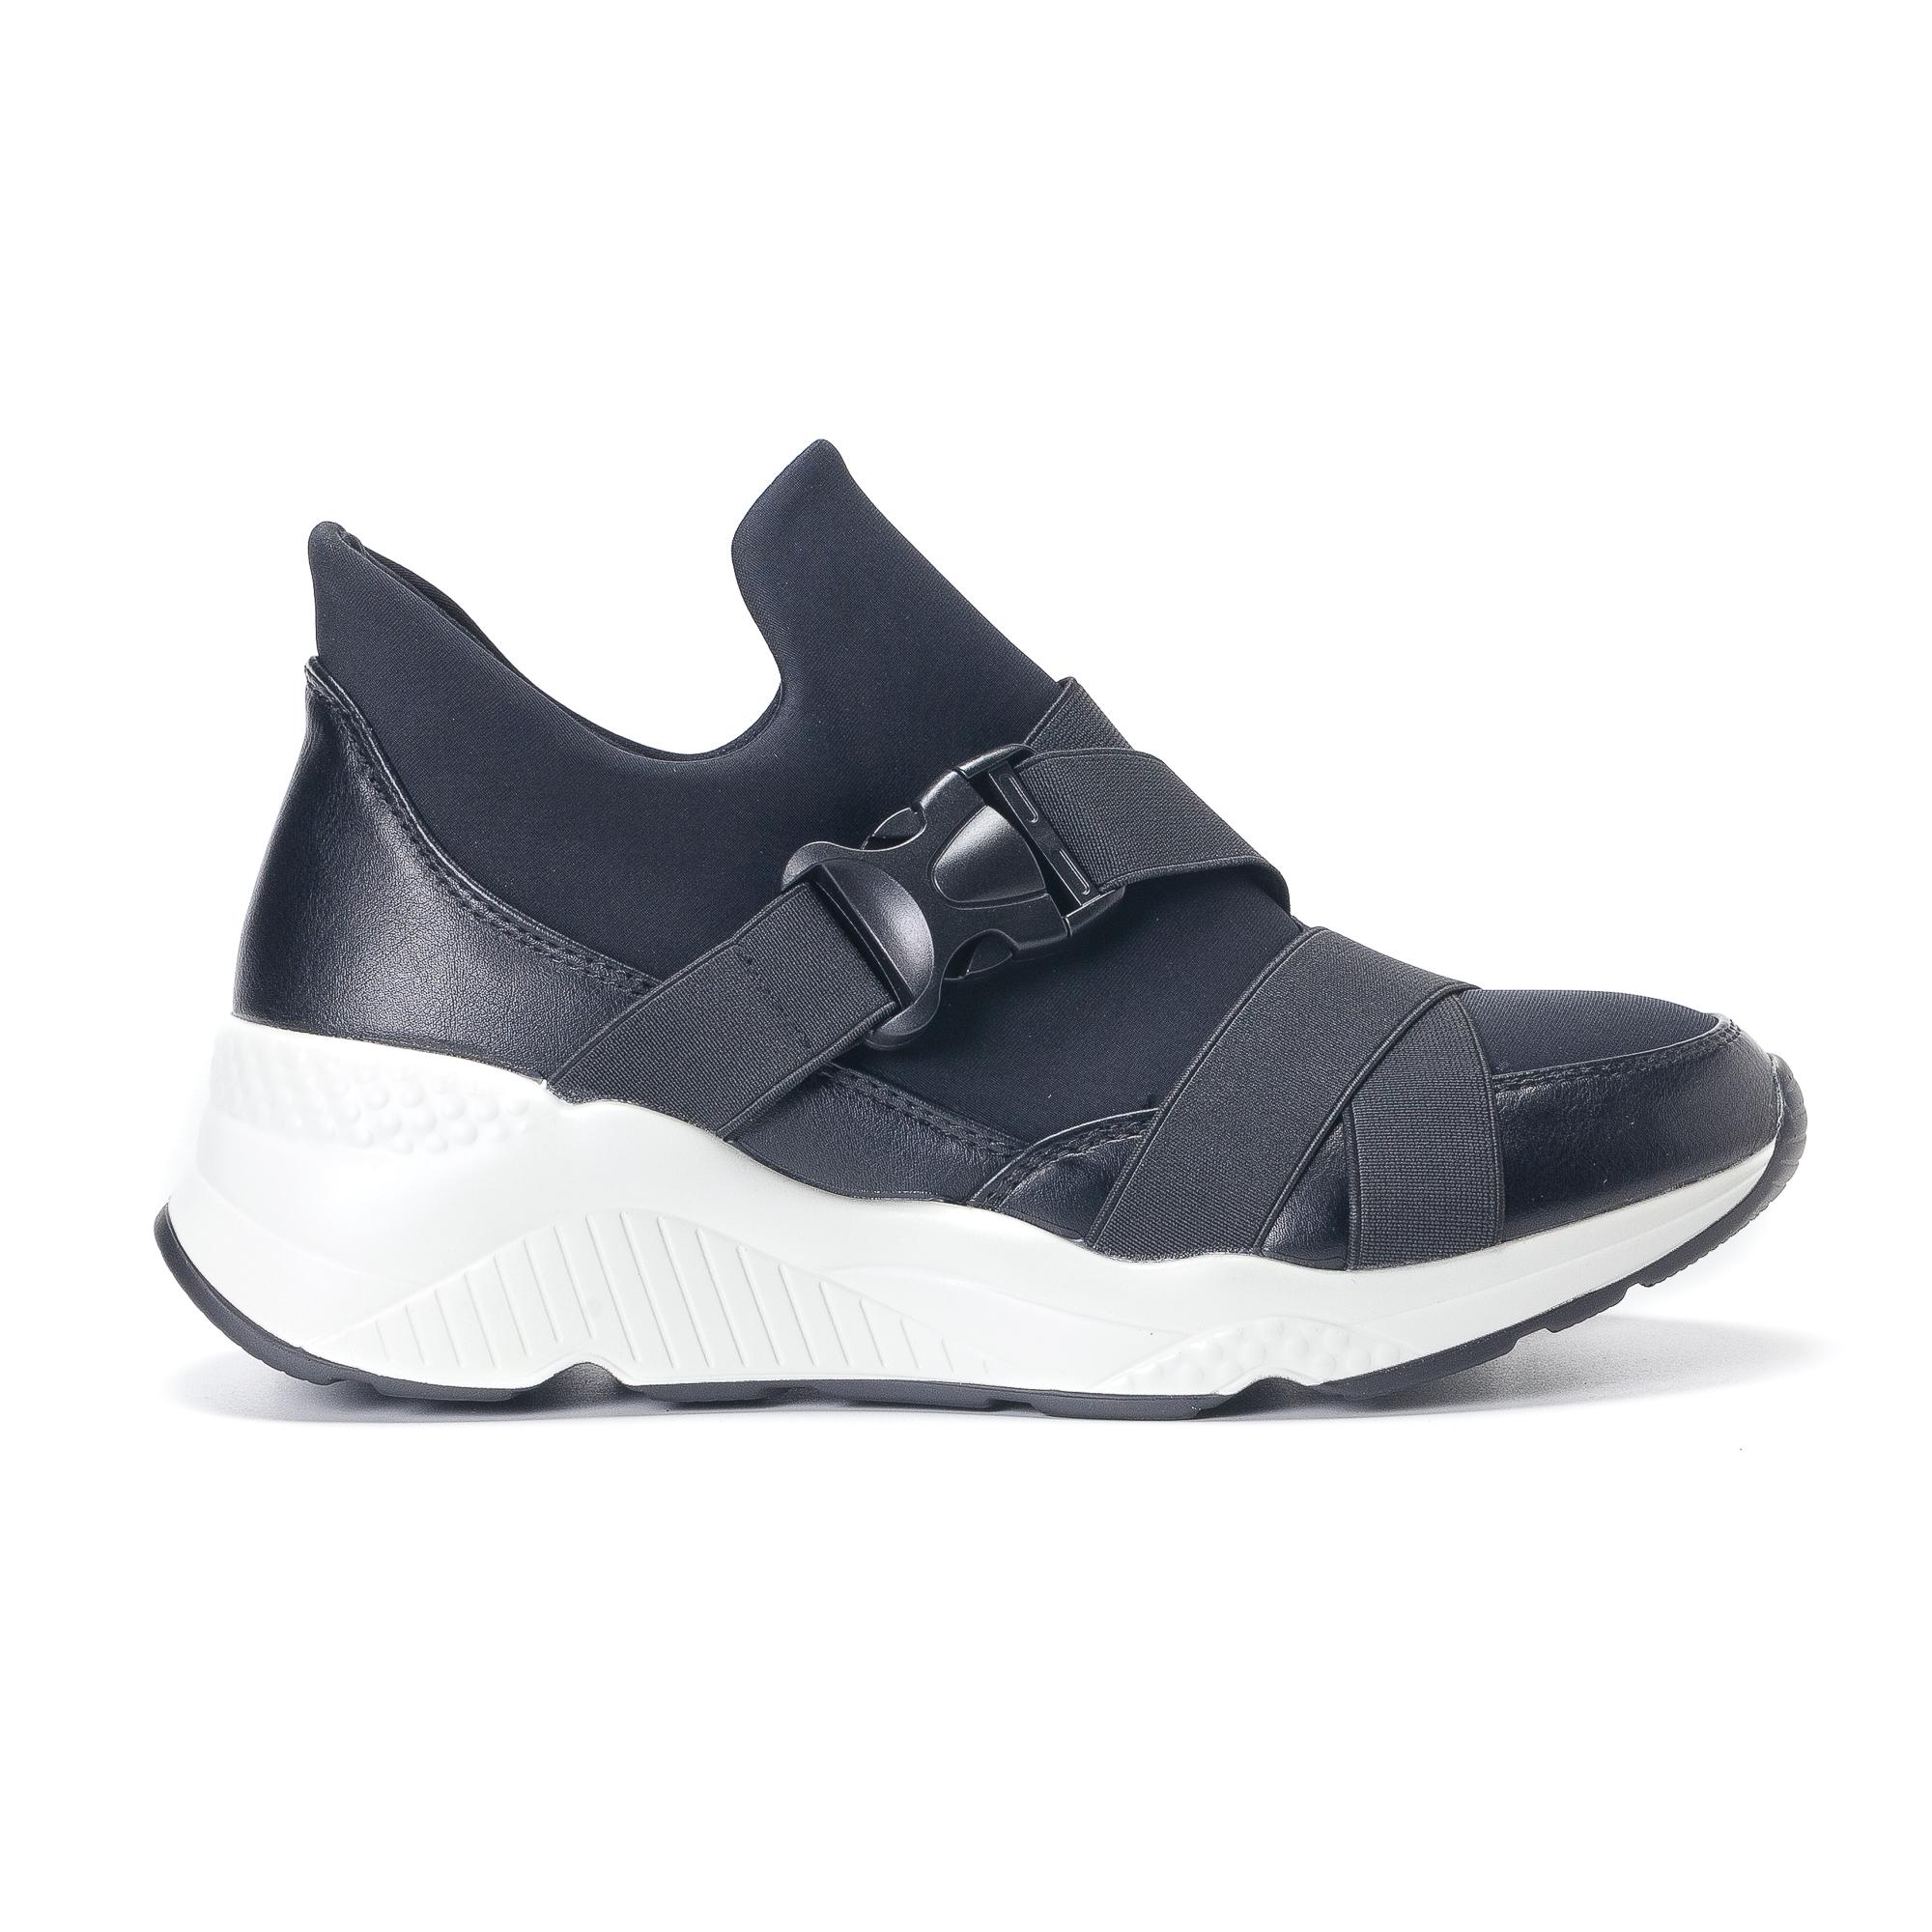 Γυναικεία μαύρα υφασμάτινα αθλητικά παπούτσια με λάστιχα 55708